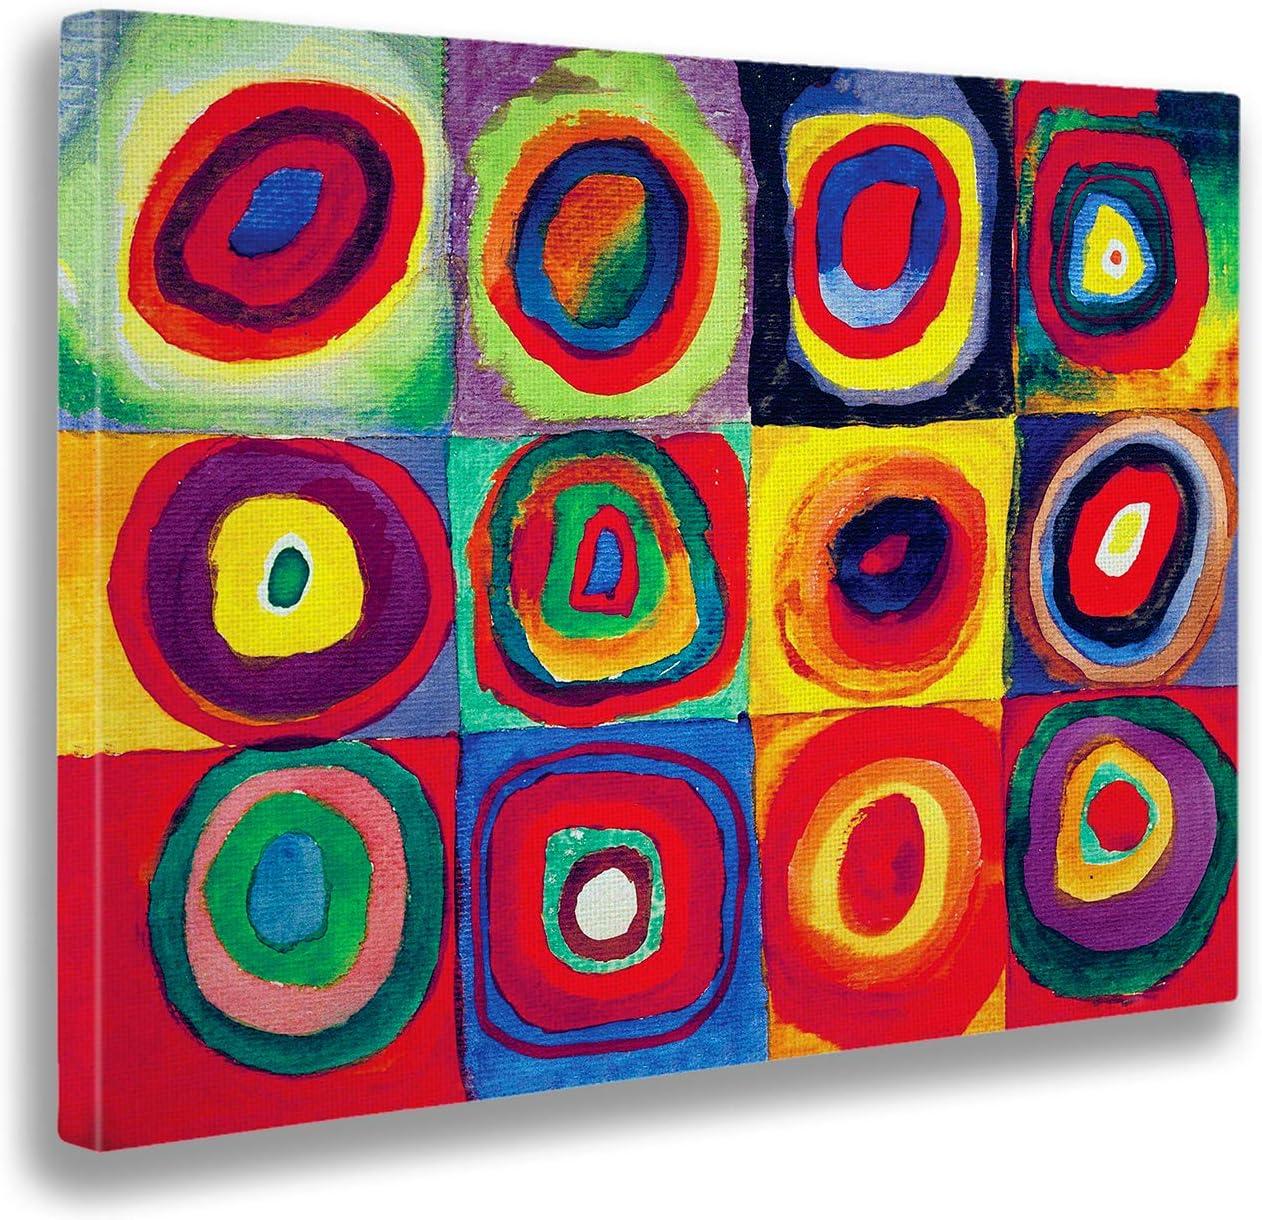 Giallobus - Cuadro - Impresion en Lienzo Kandinsky - Cuadro Abstracto - Estudio de Color- Pinturas Modernas de lienzos - Varios formatos - 140 x 100 CM